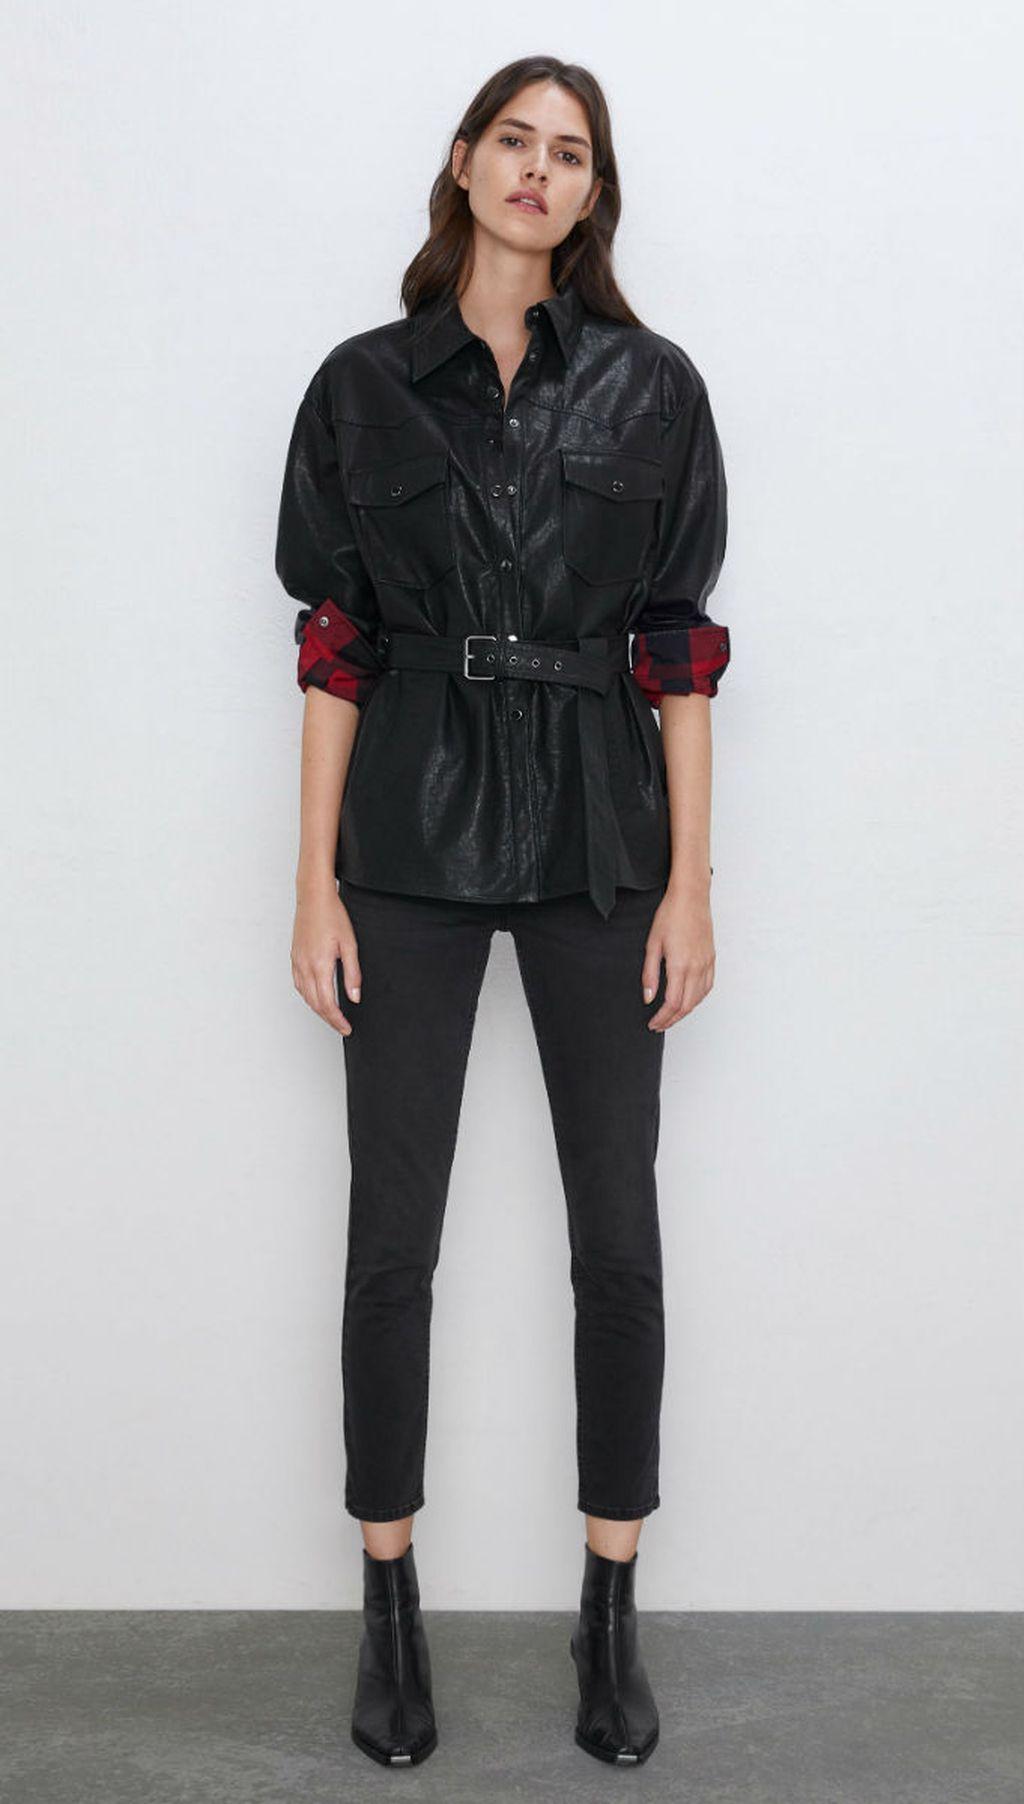 Crne jakne iz novih kolekcija - 4